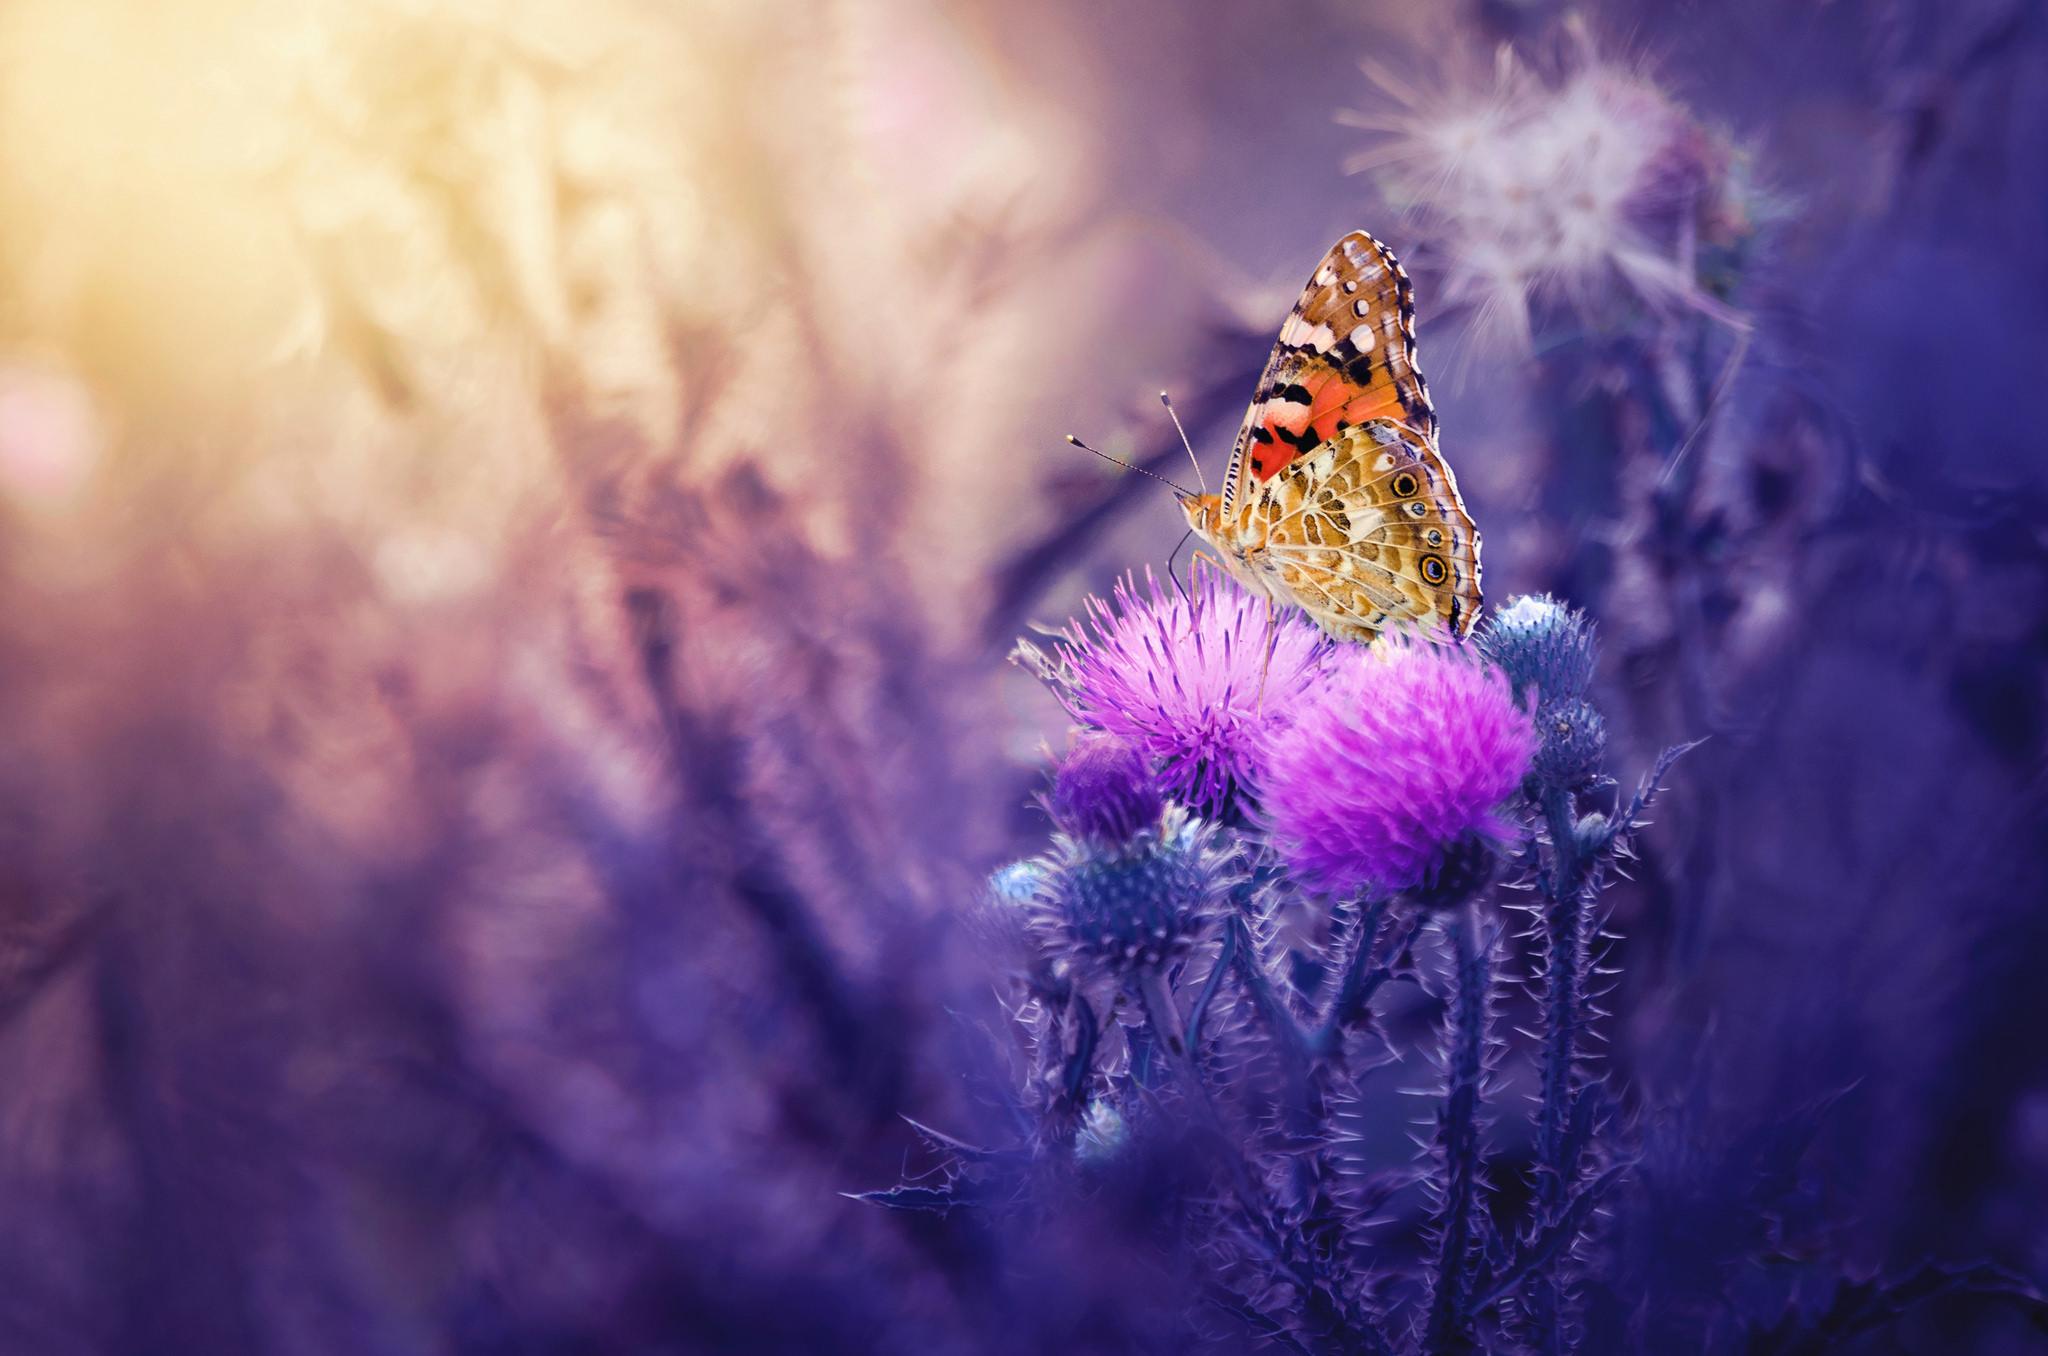 обои Чертополох, цветок, бабочка, макро картинки фото